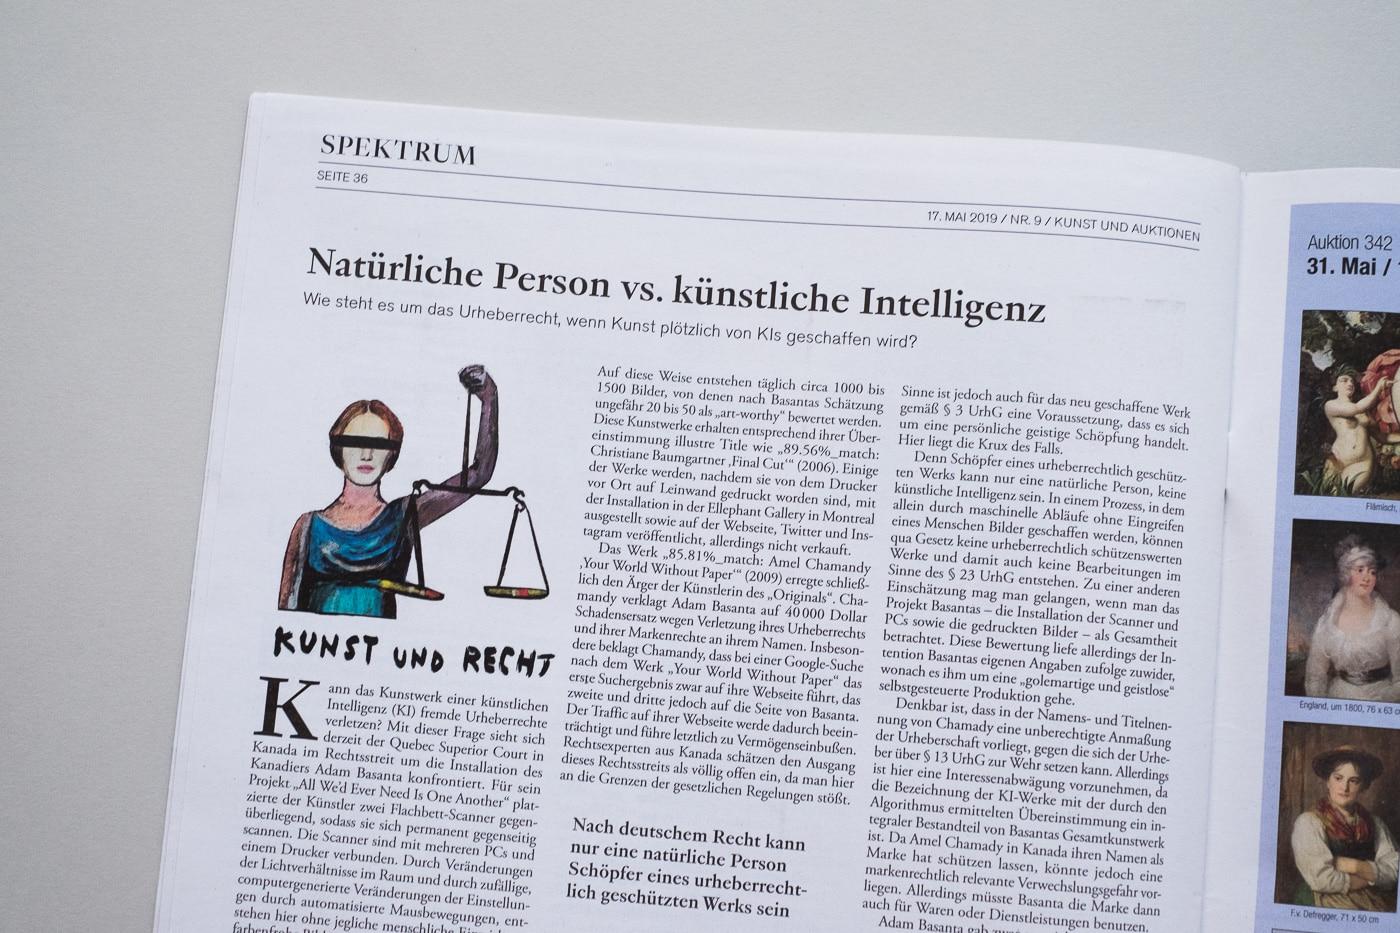 KUNST UND AUKTIONEN - Kunst und Recht